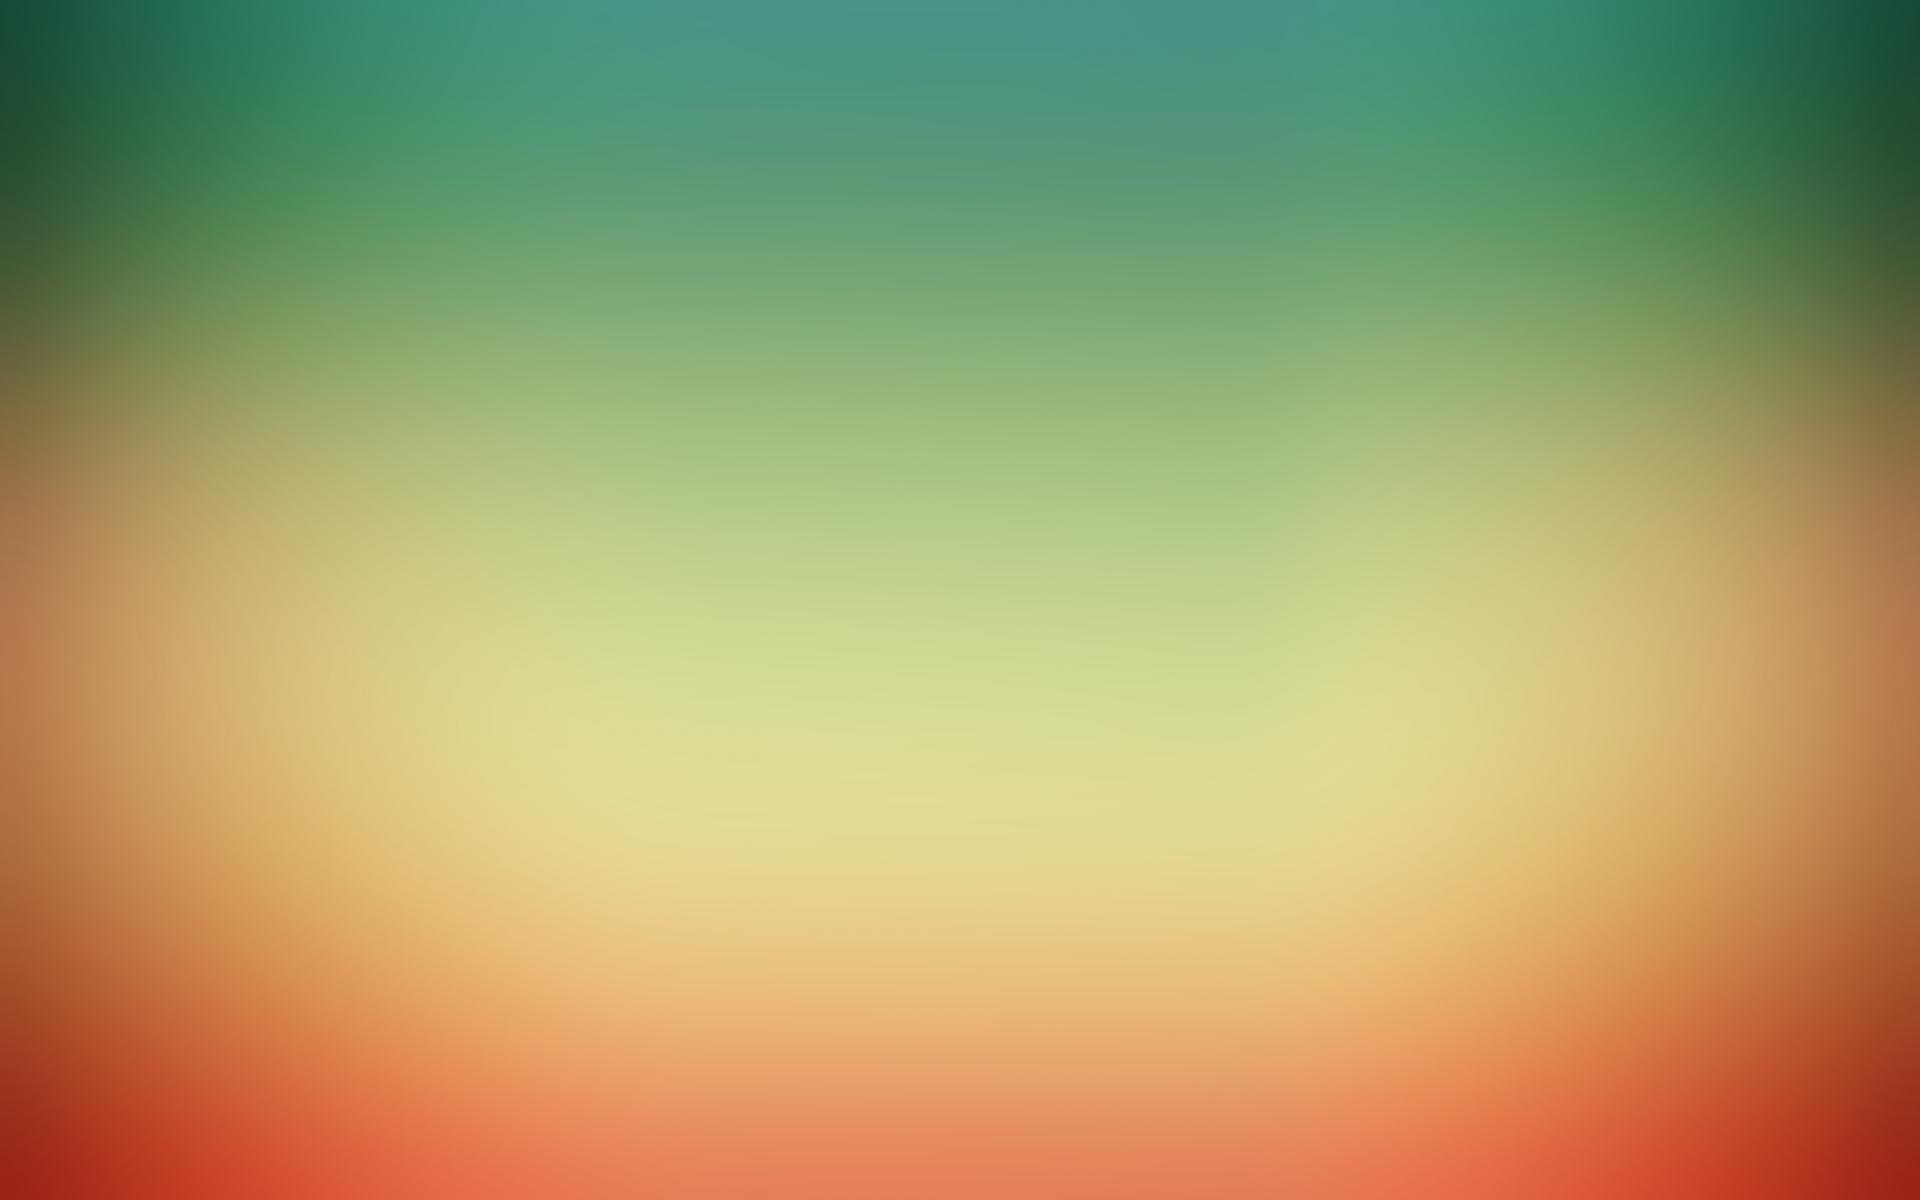 12 Excellent HD Gradient Wallpapers